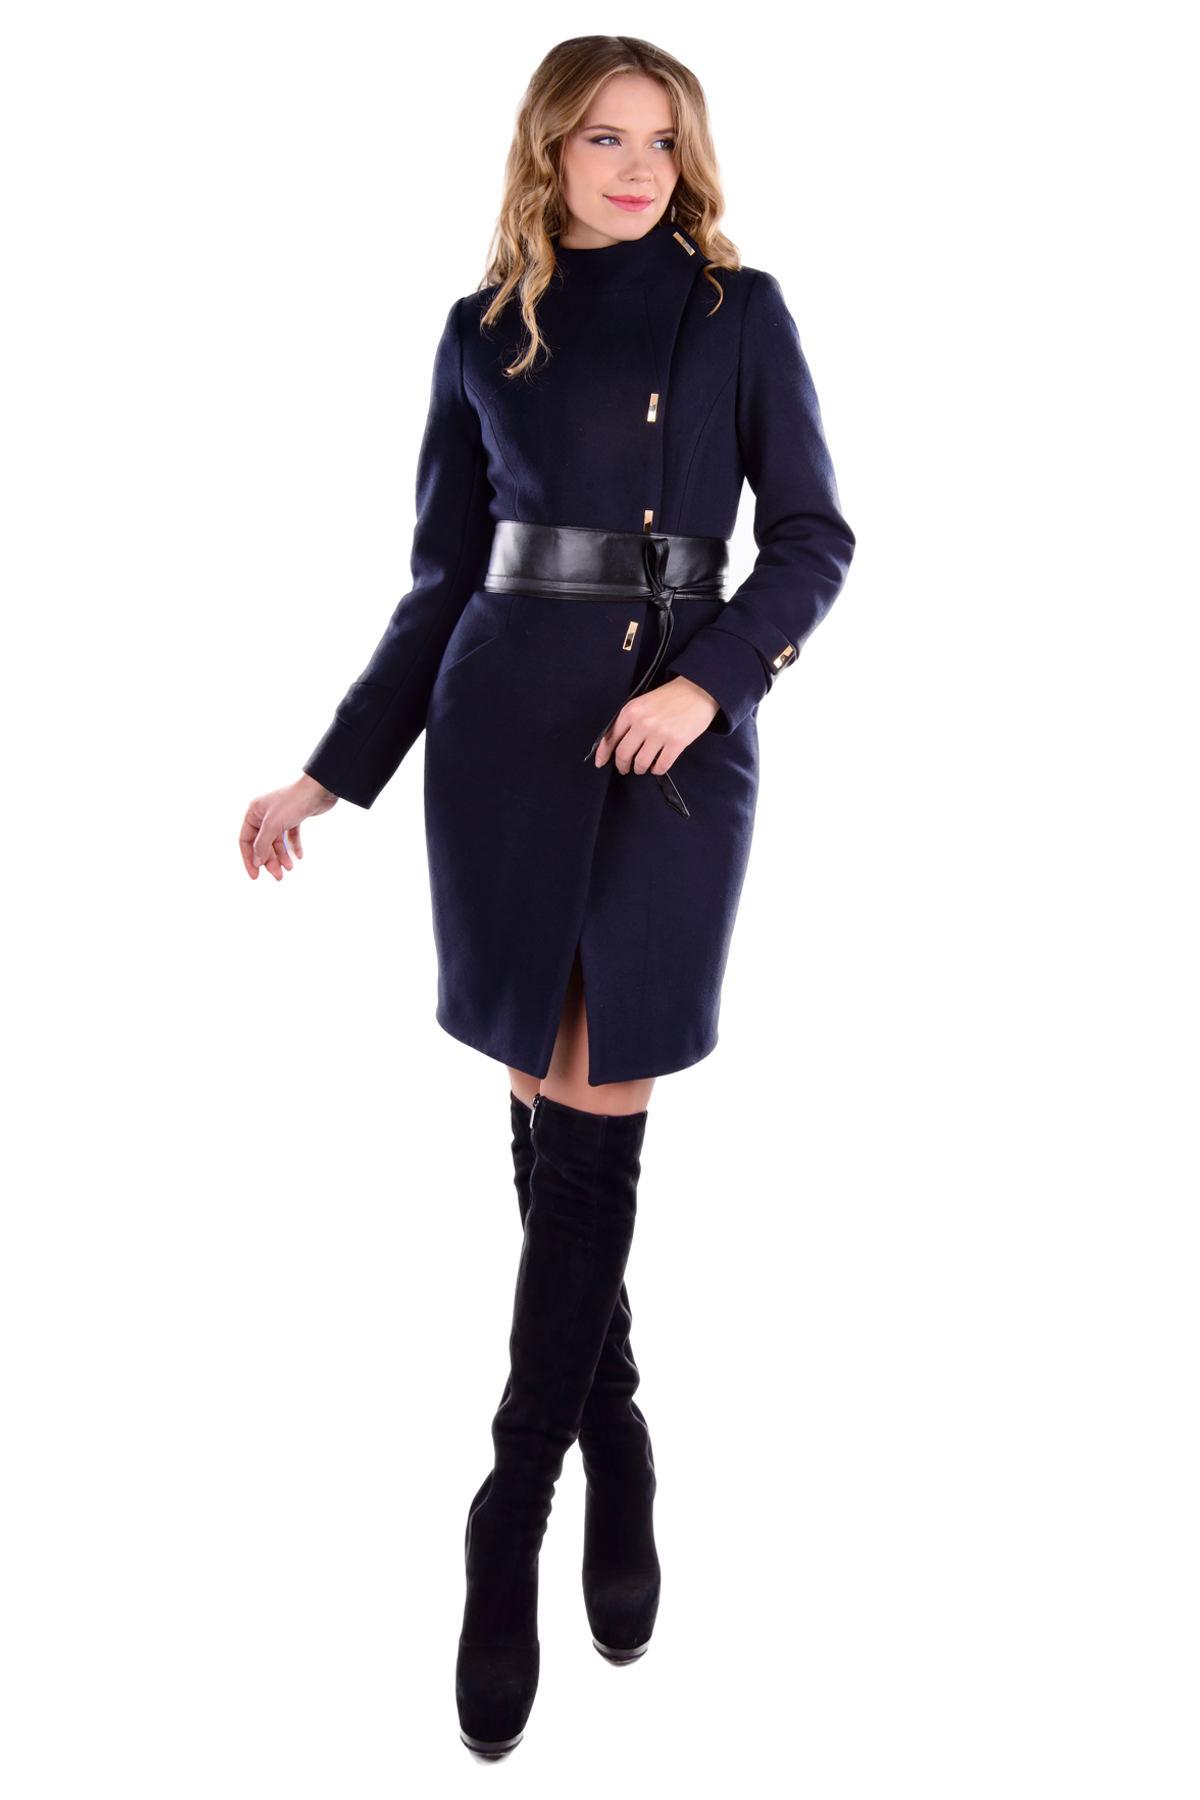 Купить кашемировое пальто оптом от производителя Пальто Римини зима турция элит хомут